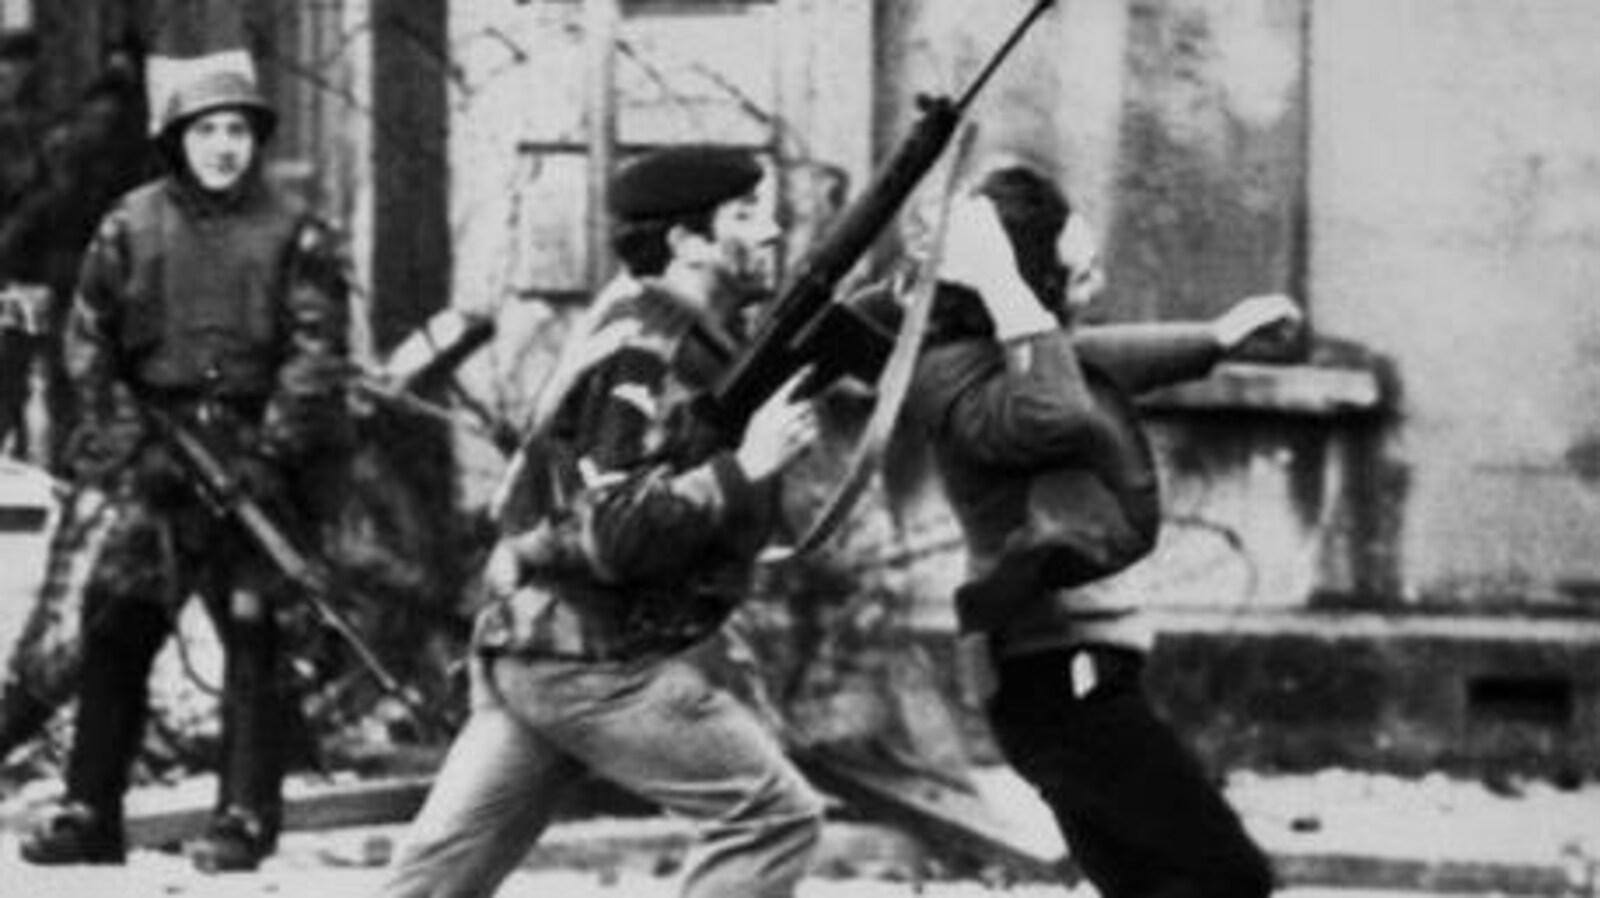 Un soldat empoigne un manifestant par les cheveux et le pousse vers l'avant.